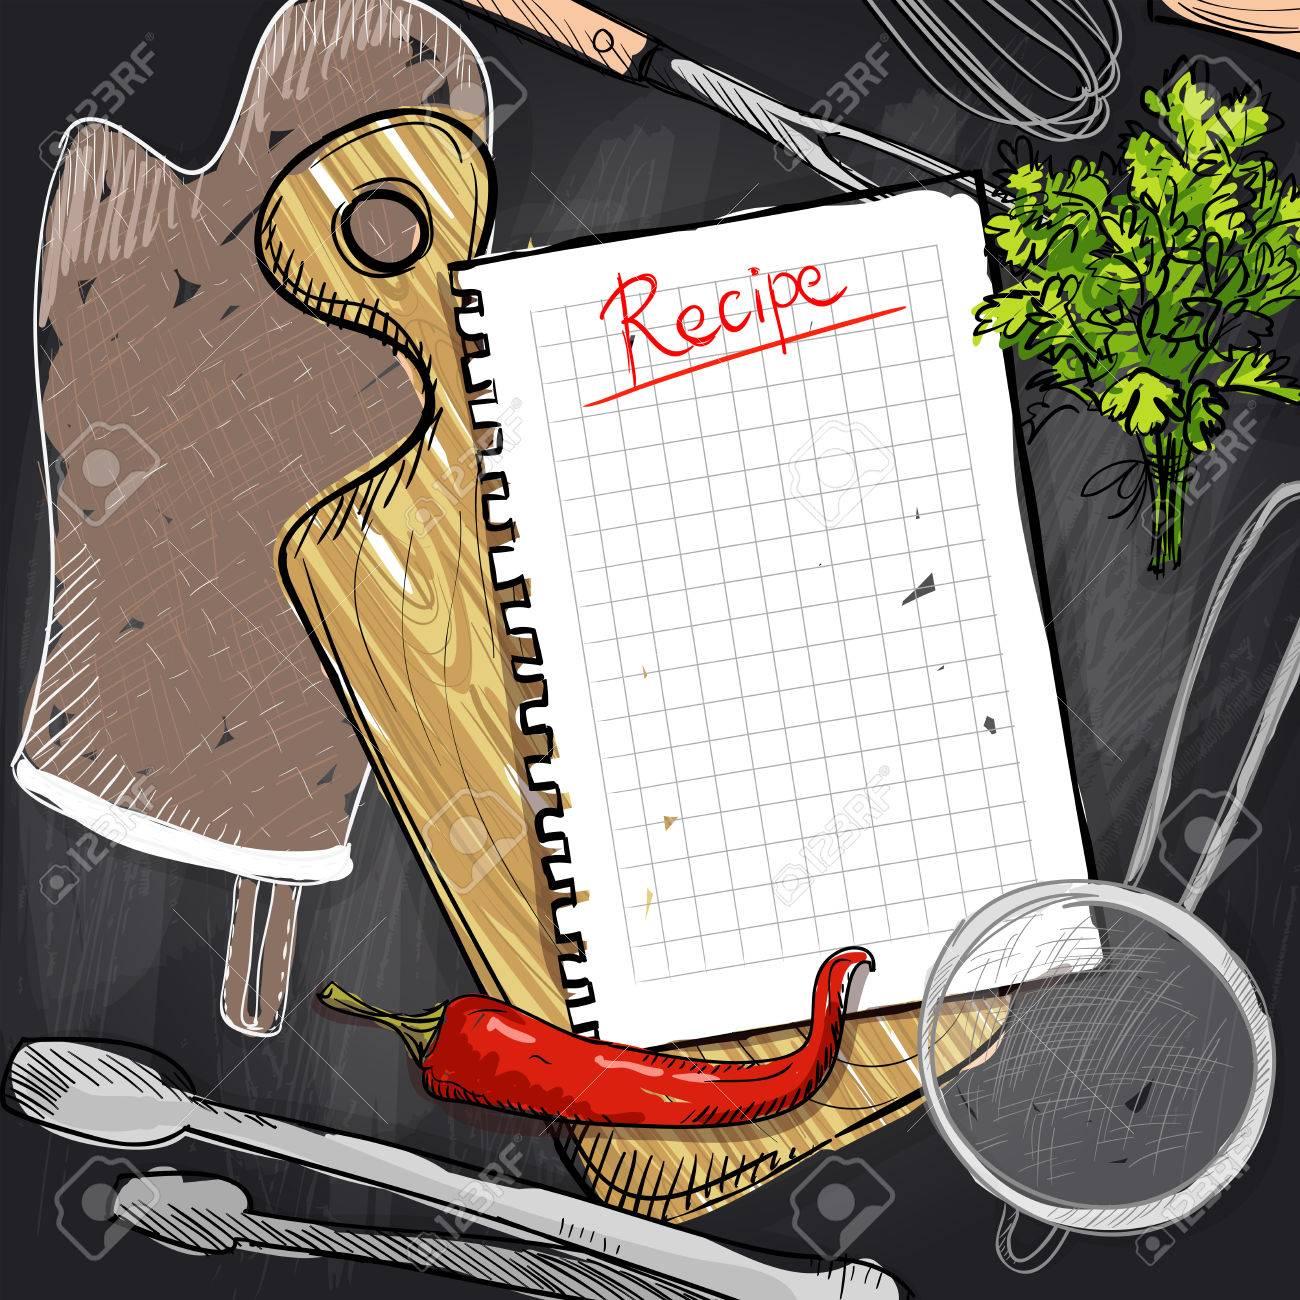 archivio fotografico disegno lavagna con tagliere e utensili da cucina e lista delle ricette vuoto